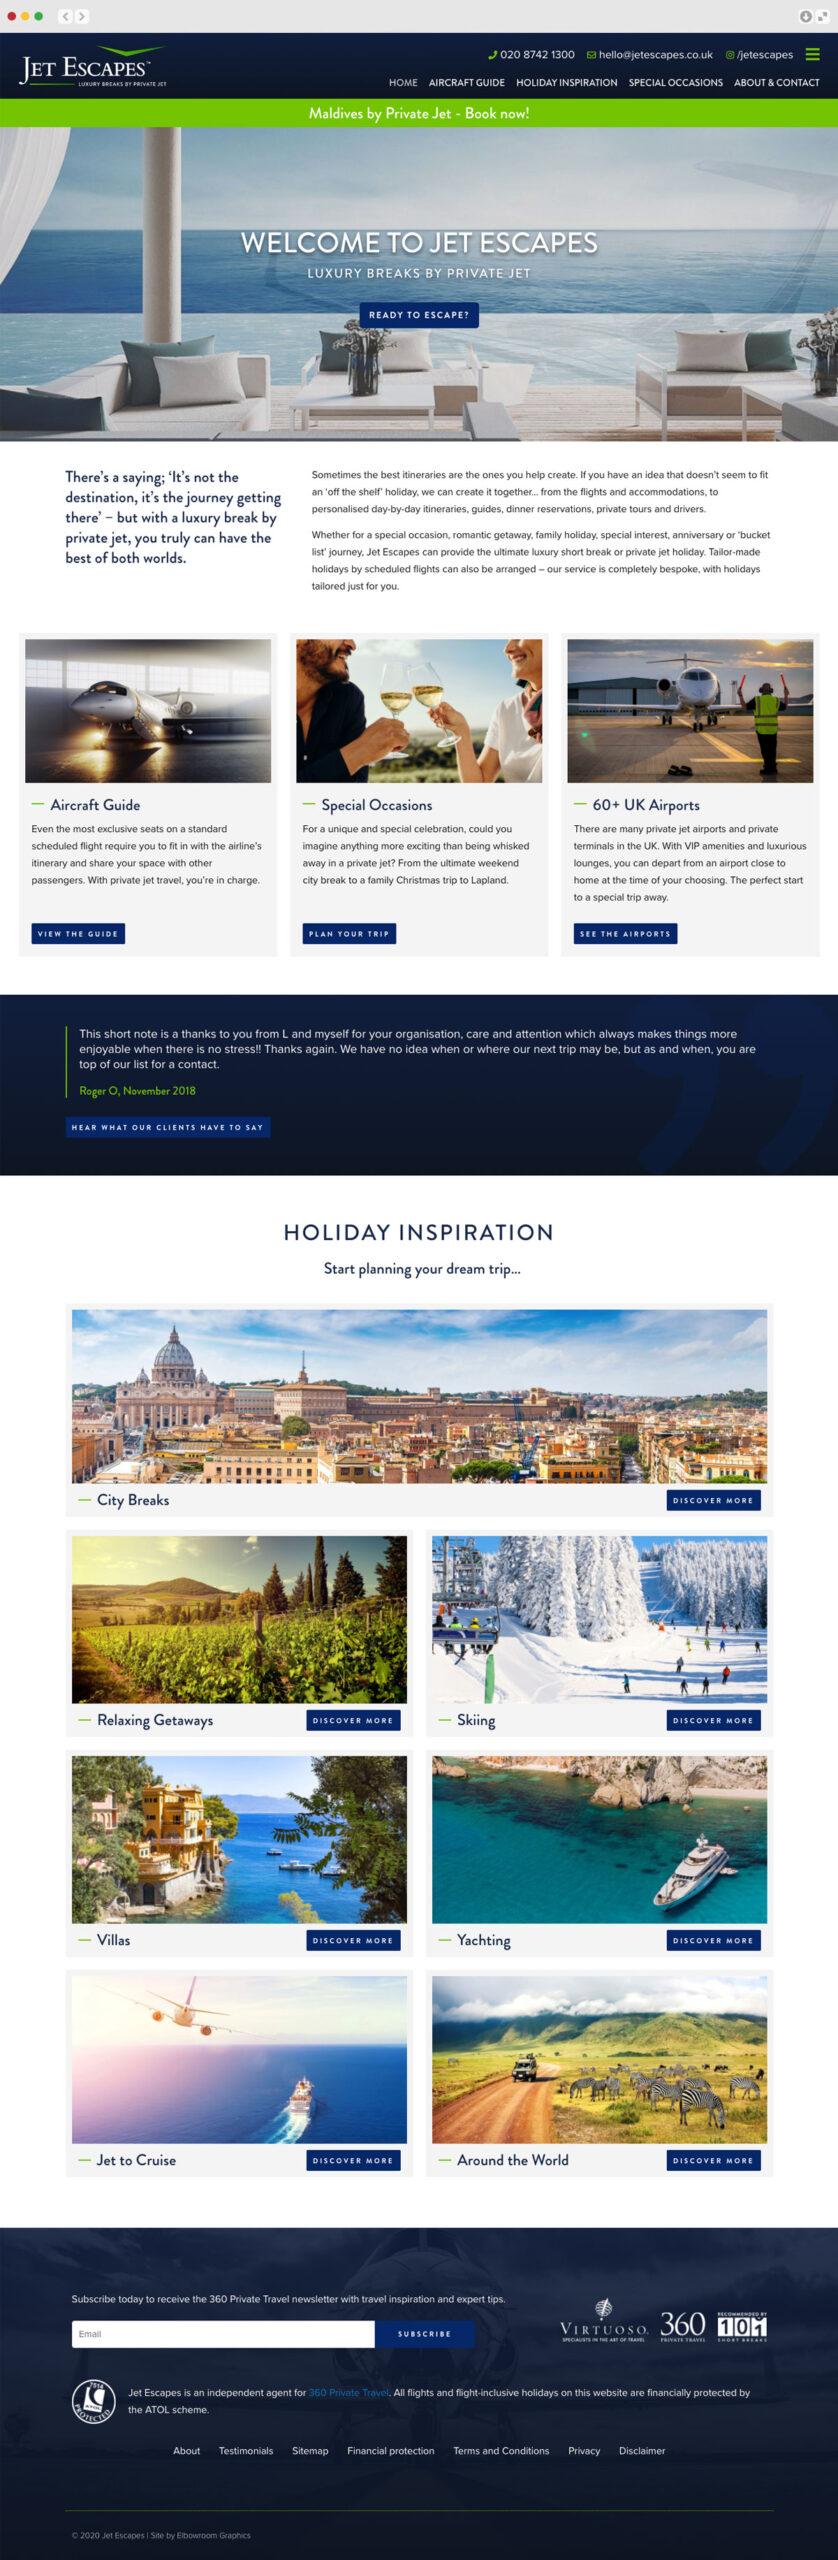 Jet Escapes website Elbowroom Graphics